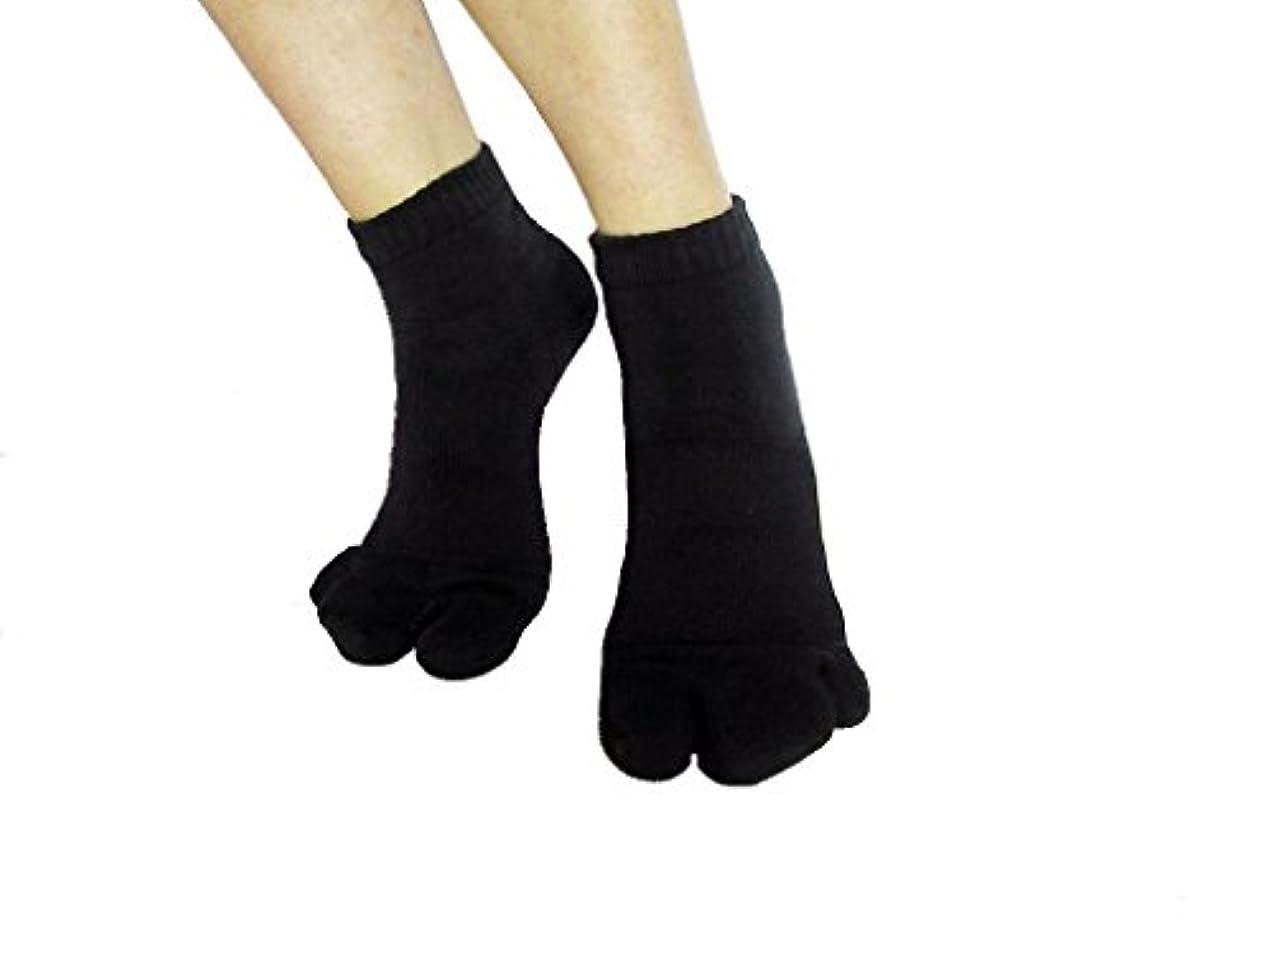 旧正月ジョセフバンクス乳製品カサハラ式サポーター ホソックス3本指 テーピング靴下 ブラック M23.5-23.5cm